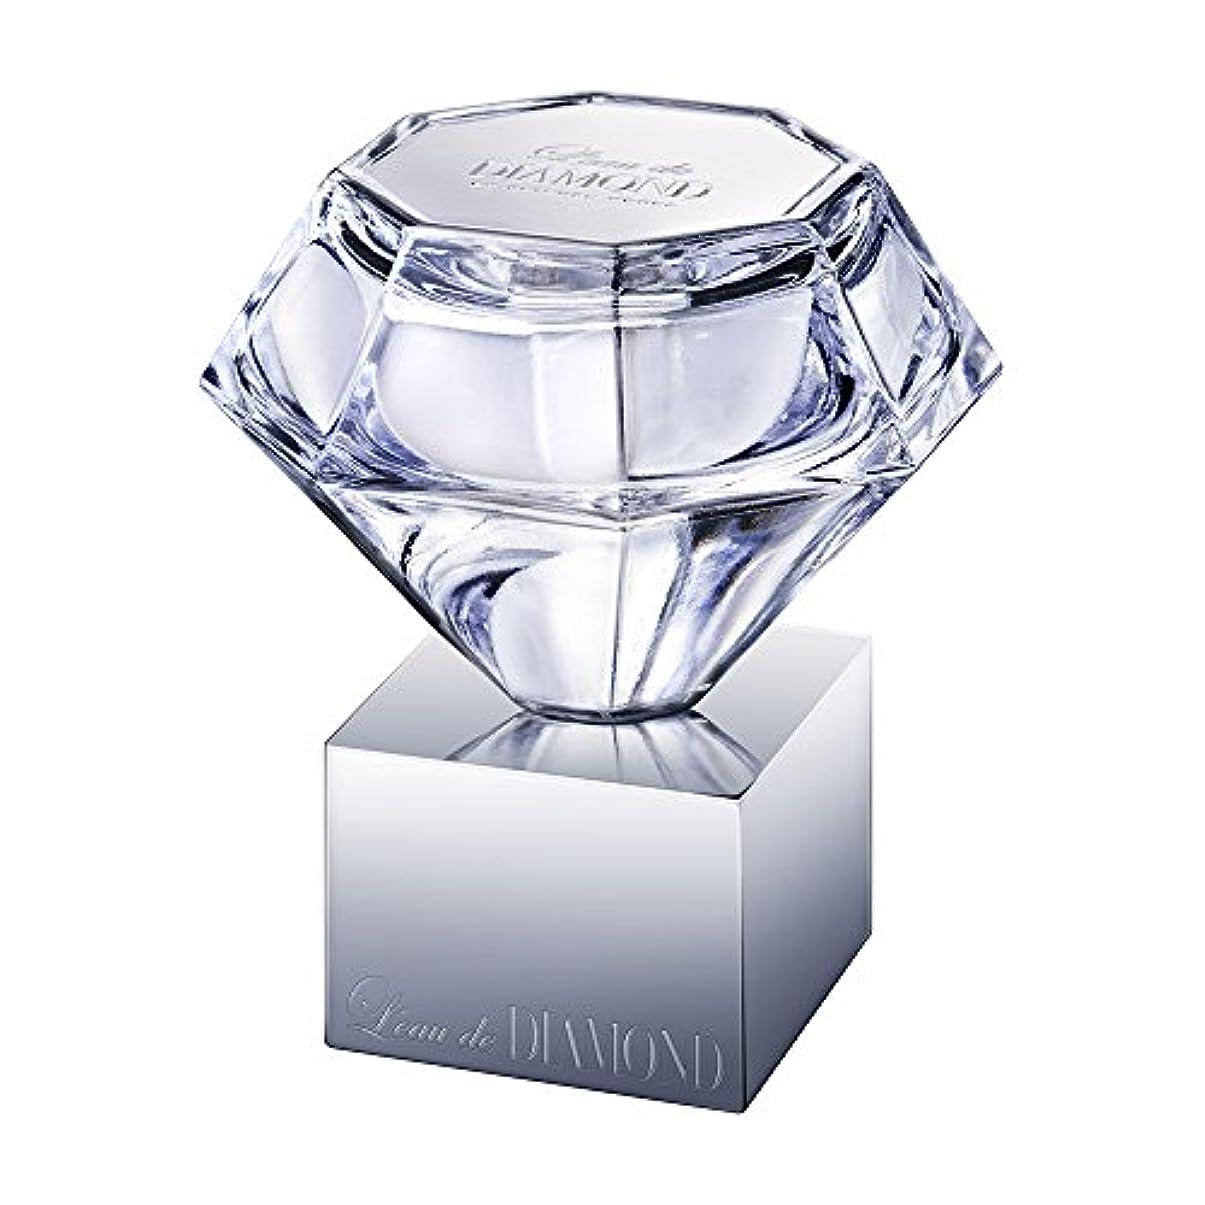 を必要としています落胆する複合ロードダイアモンド バイ ケイスケ ホンダ オードパルファム(プールオム) 50ml